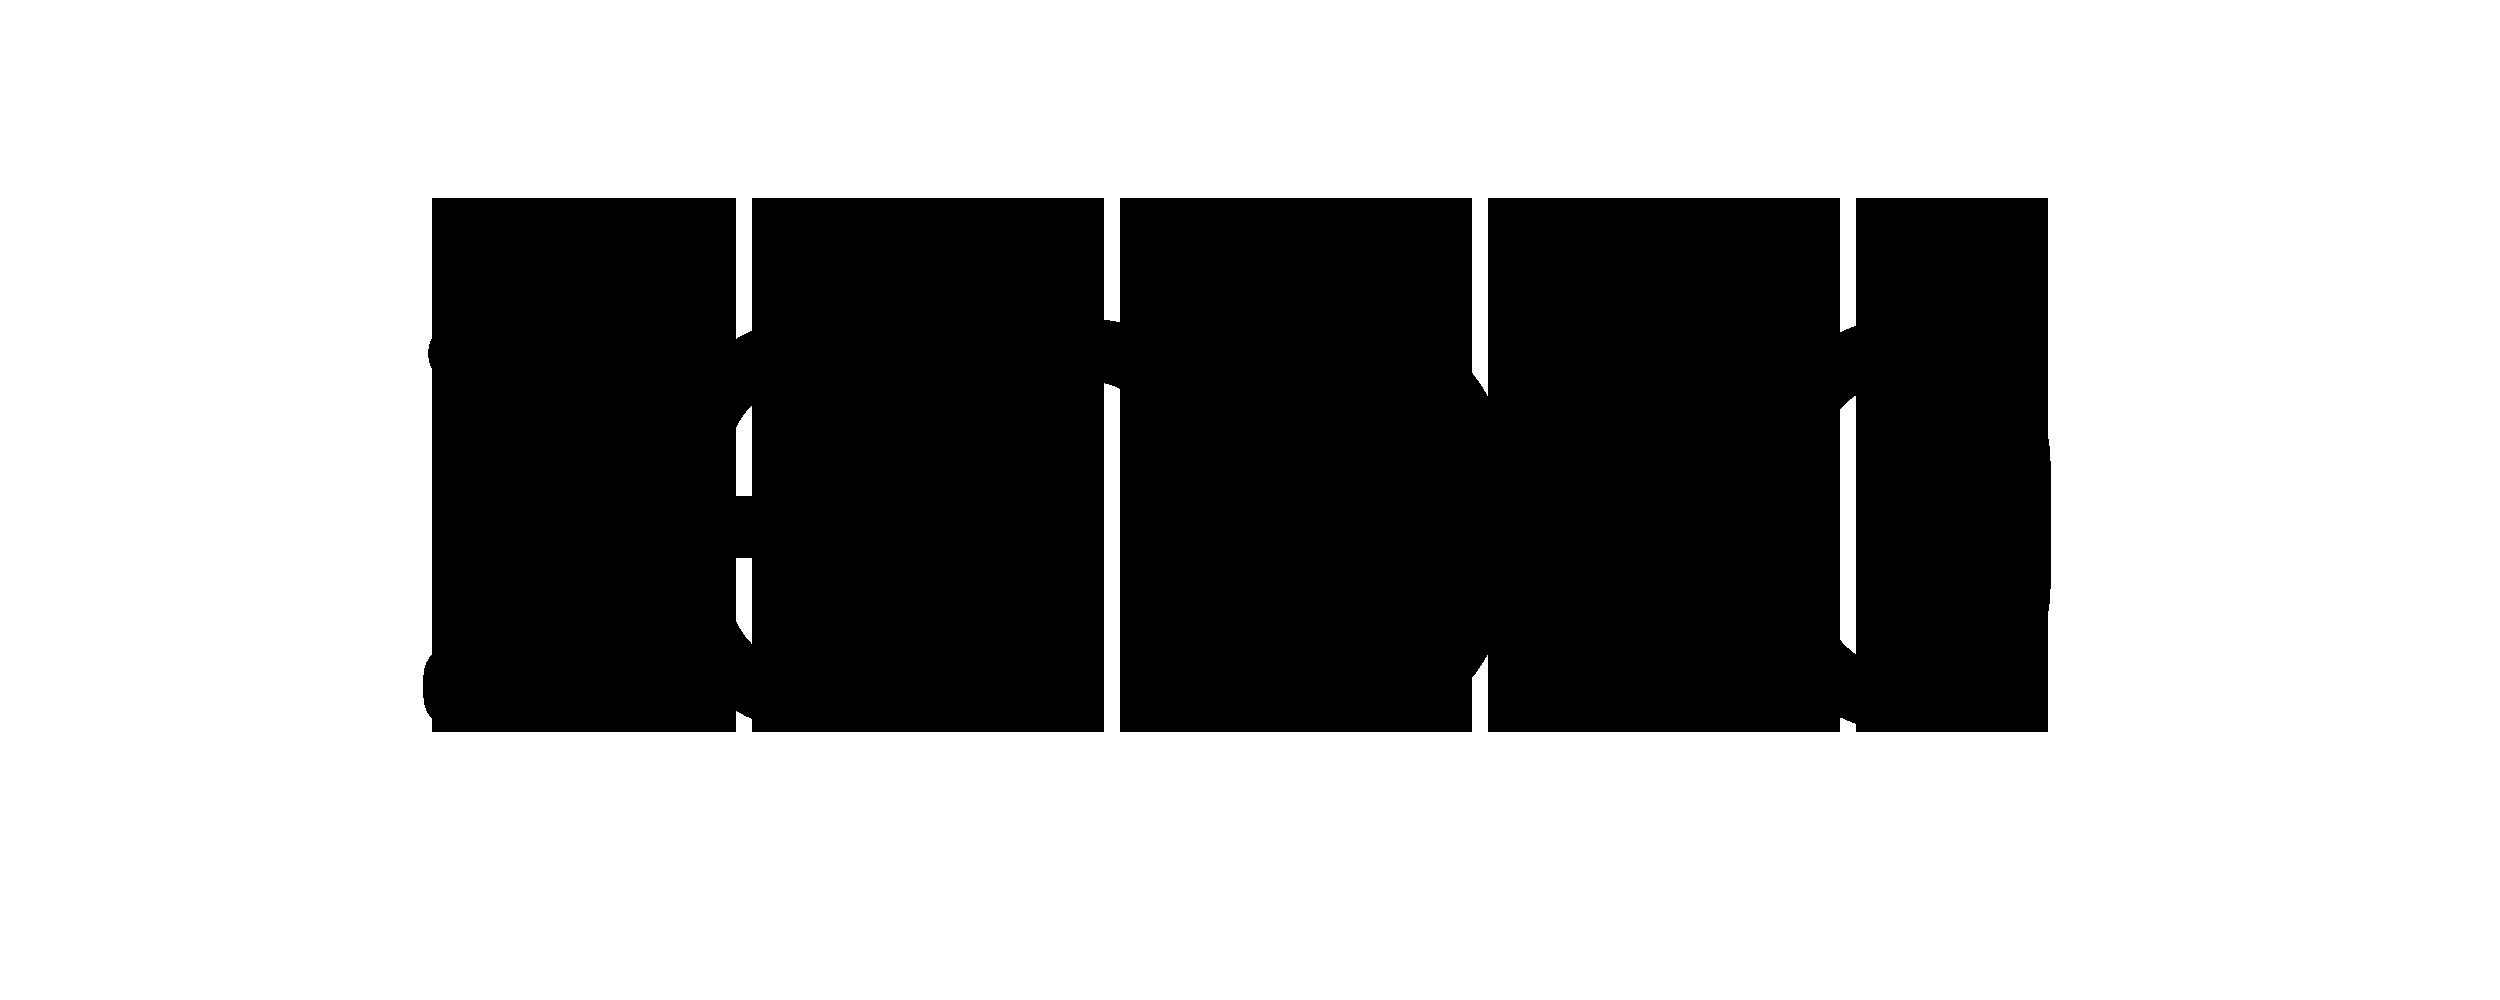 zenodo-black-2500.png